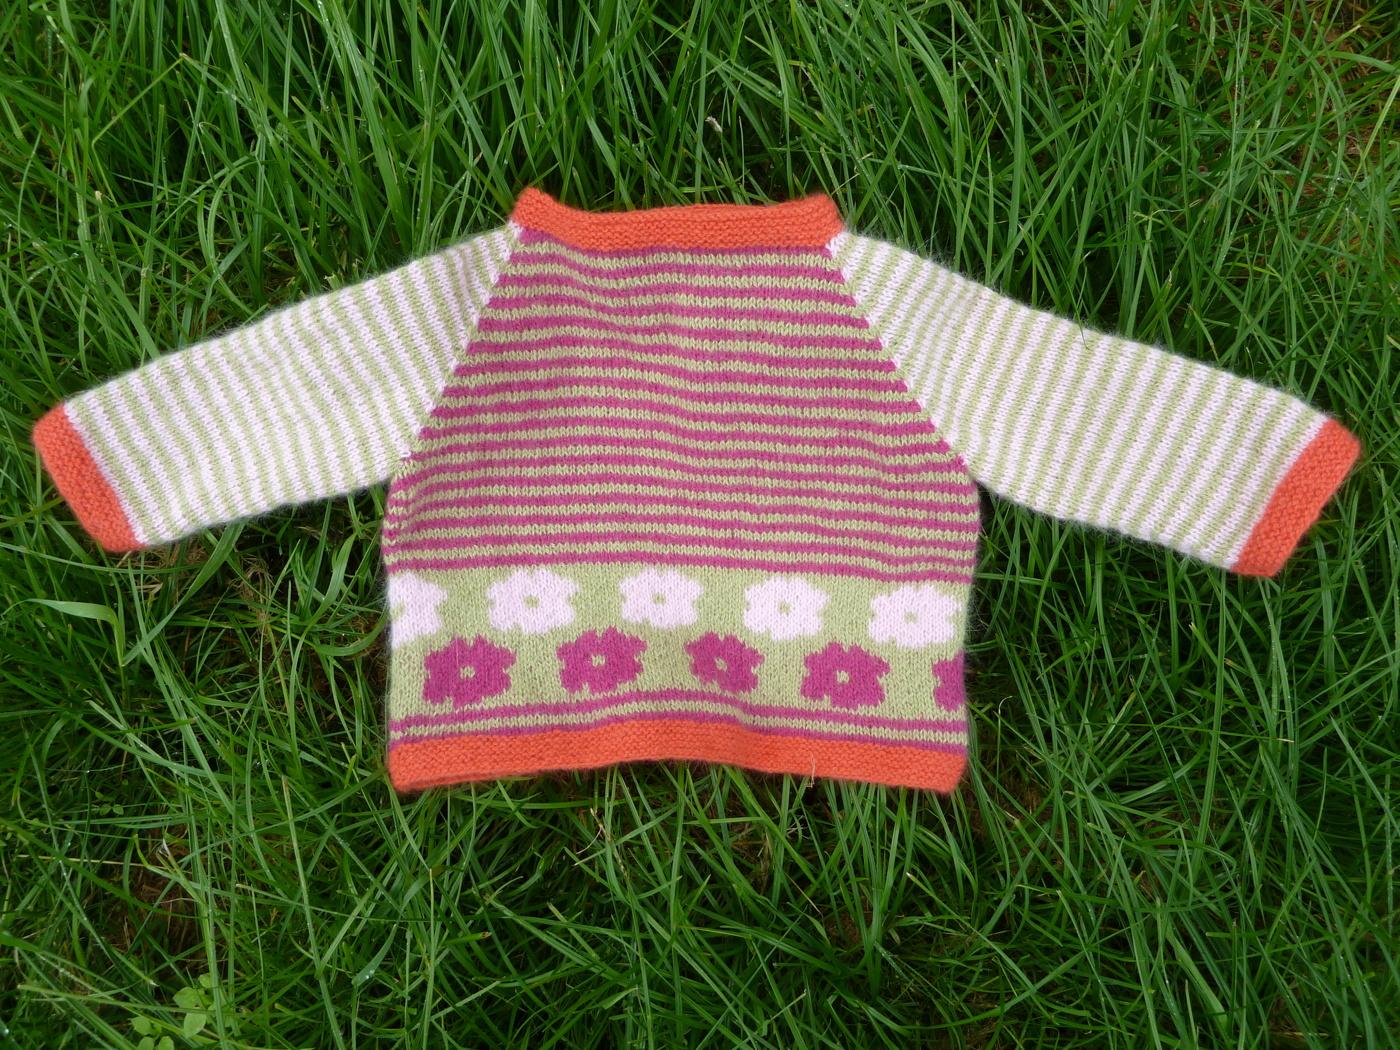 Babytröja med vresrosor 0-12 mån cerise/rosa/grön m orange kant - Stickpaket